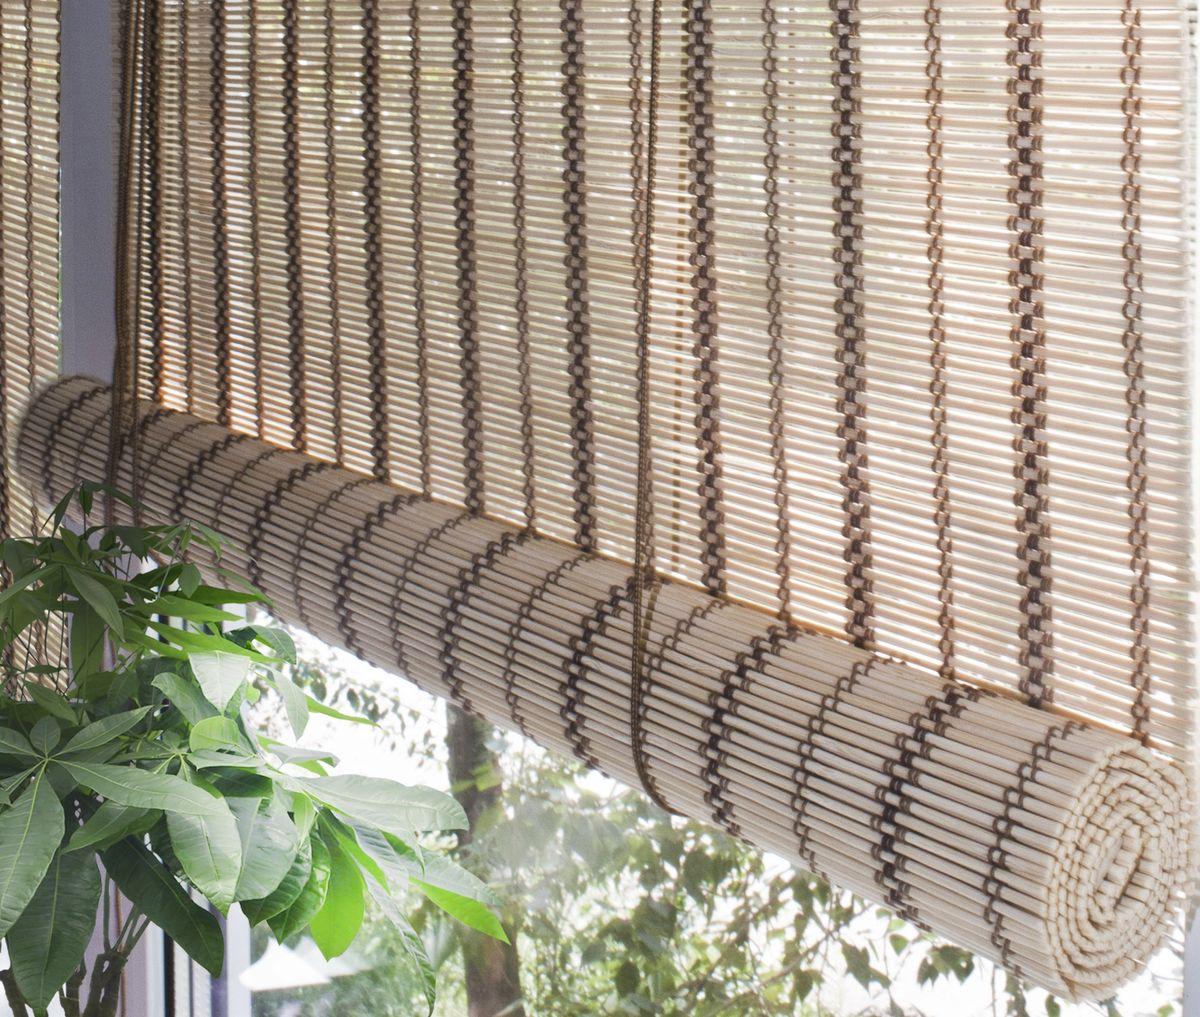 Штора рулонная Эскар Бамбук, цвет: золотой беж, ширина 100 см, высота 160 см804945130160При оформлении интерьера современных помещений многие отдают предпочтение природным материалам. Бамбуковые рулонные шторы - одно из натуральных изделий, способное сделать атмосферу помещения более уютной и в то же время необычной. Свойства бамбука уникальны: он экологически чист, так как быстро вырастает, благодаря чему не успевает накопить вредные вещества из окружающей среды. Кроме того, растение обладает противомикробным и антибактериальным действием. Занавеси из бамбука безопасно использовать в помещениях, где находятся новорожденные дети и люди, склонные к аллергии. Они незаменимы для тех, кто заботится о своем здоровье и уделяет внимание высокому уровню жизни.Бамбуковые рулонные шторы представляют собой полотно, состоящее из тонких бамбуковых стеблей и сворачиваемое в рулон.Римские бамбуковые шторы, как и тканевые римские шторы, при поднятии образуют крупные складки, которые прекрасно декорируют окно.Особенность устройства полотна позволяет свободно пропускать дневной свет, что обеспечивает мягкое освещение комнаты. Это натуральный влагостойкий материал, который легко вписывается в любой интерьер, хорошо сочетается с различной мебелью и элементами отделки. Использование бамбукового полотна придает помещению необычный вид и визуально расширяет пространство.Помимо внешней красоты, это еще и очень удобные конструкции, экономящие пространство. Изготавливаются они из специальных материалов, устойчивых к внешним воздействиям. Сама штора очень эргономичная, и позволяет изменять визуально пространство в зависимости от потребностей владельца.